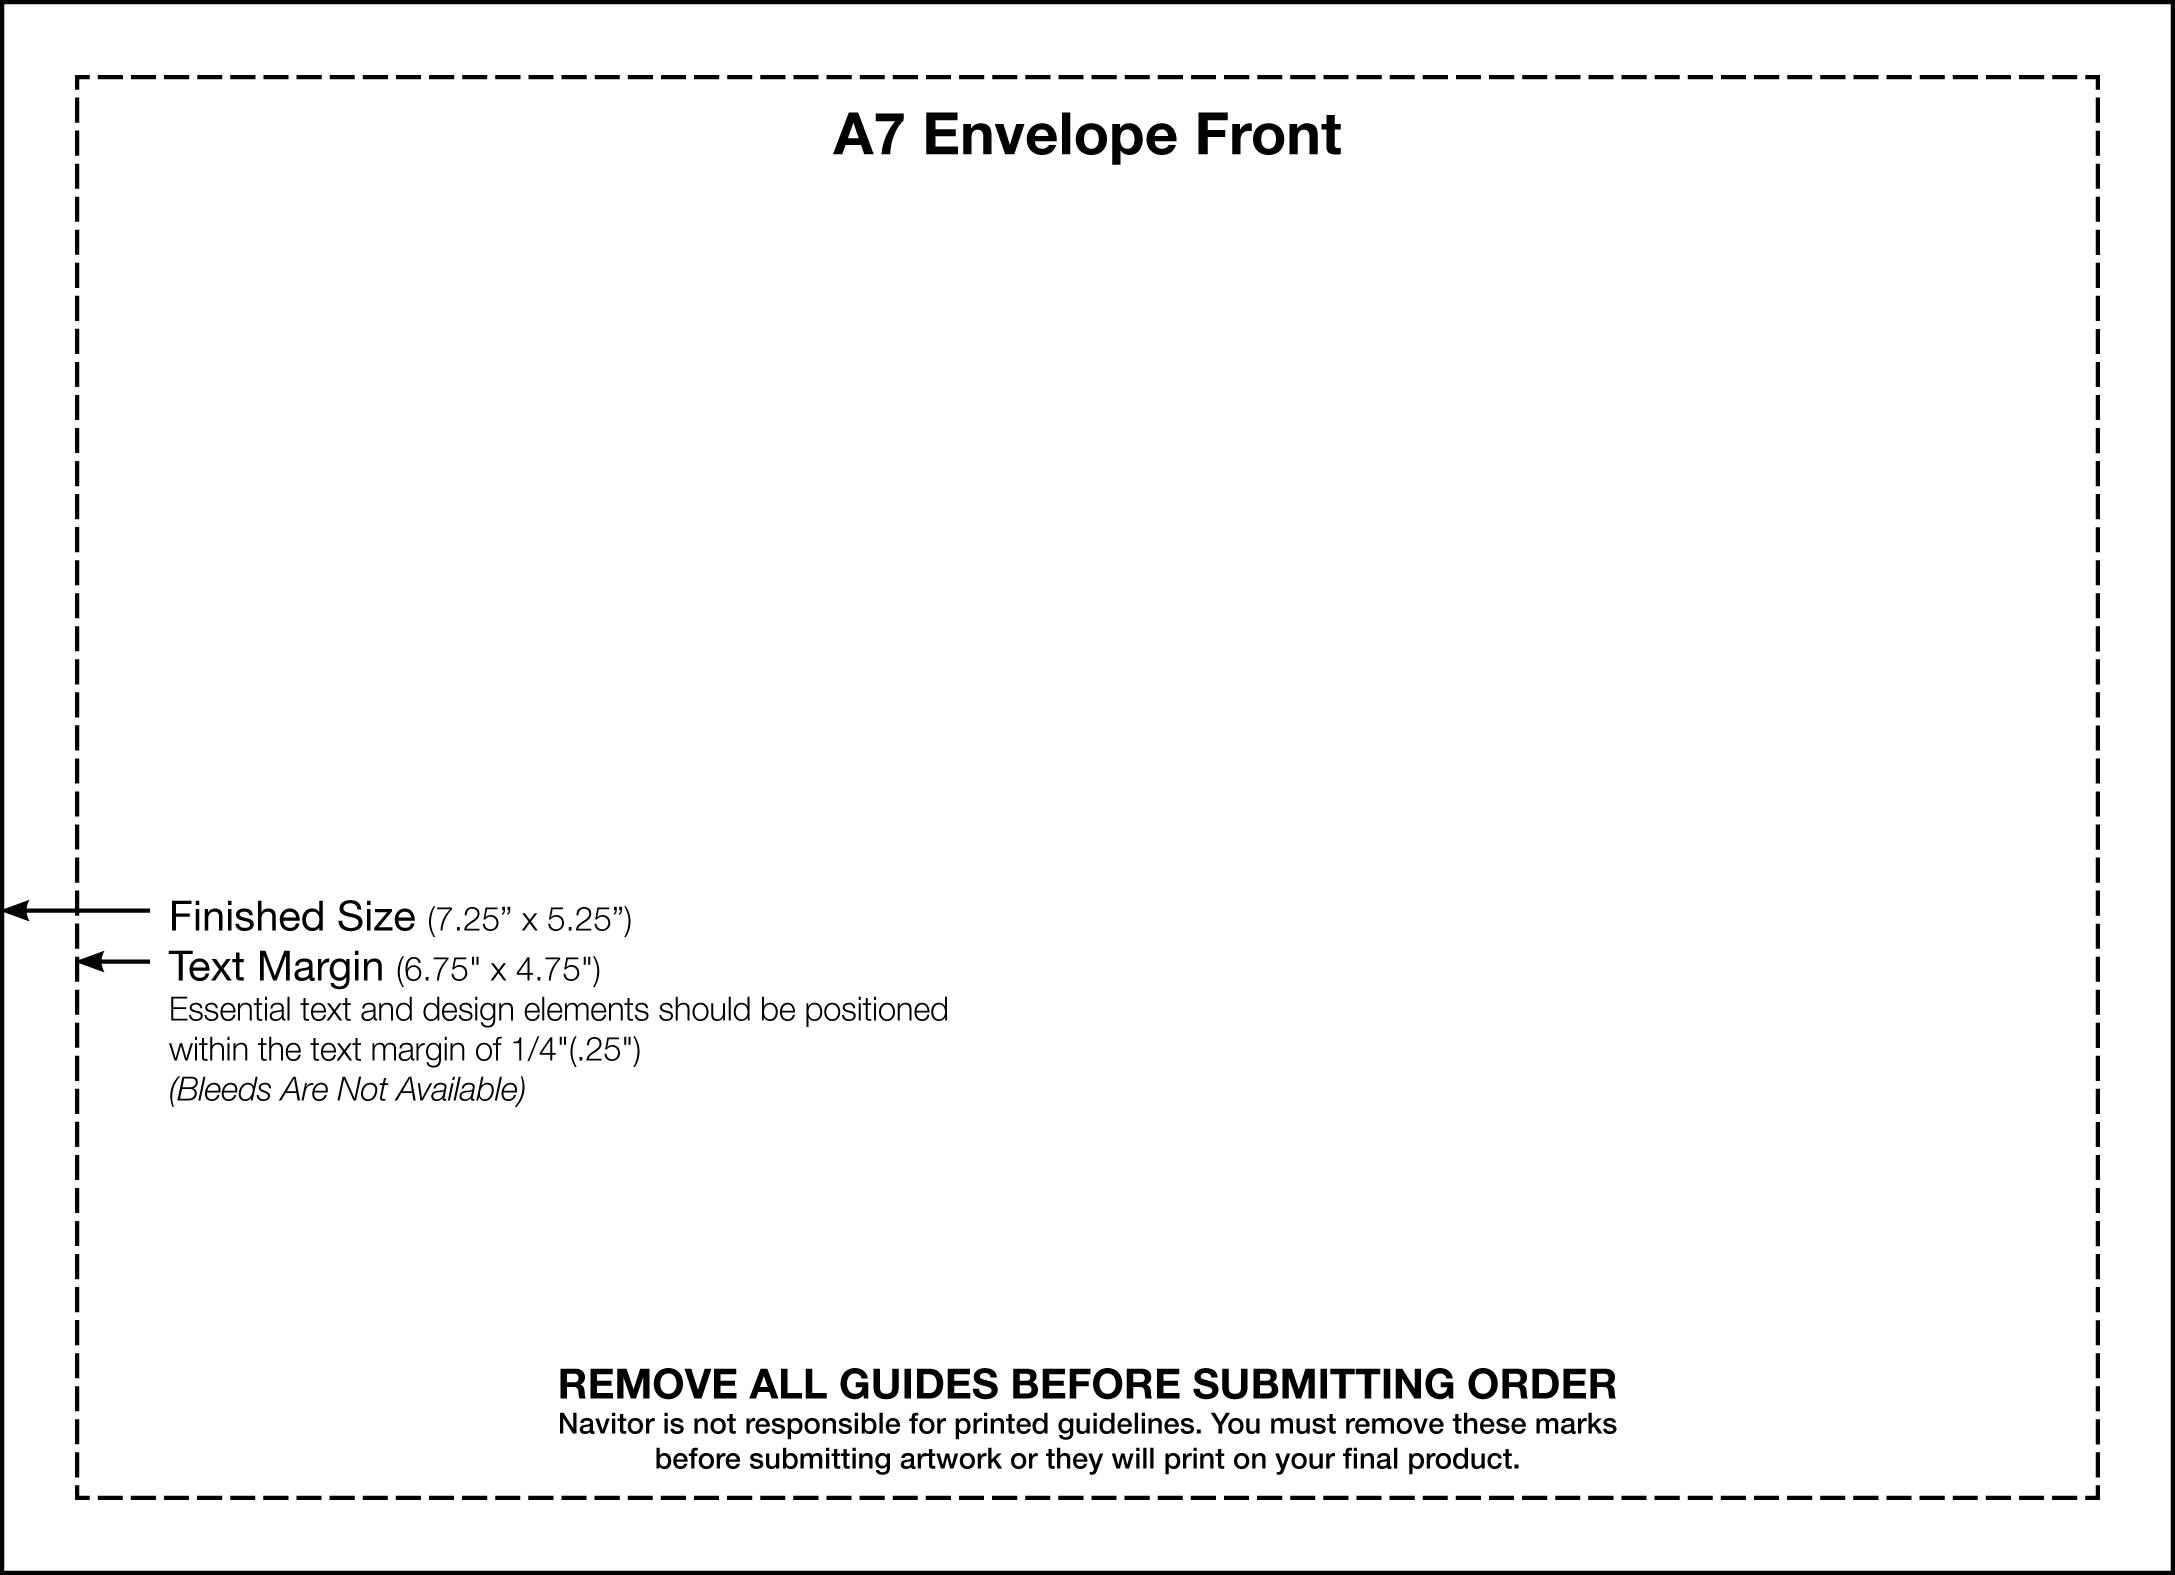 envelope templates printingcenterusa com envelope